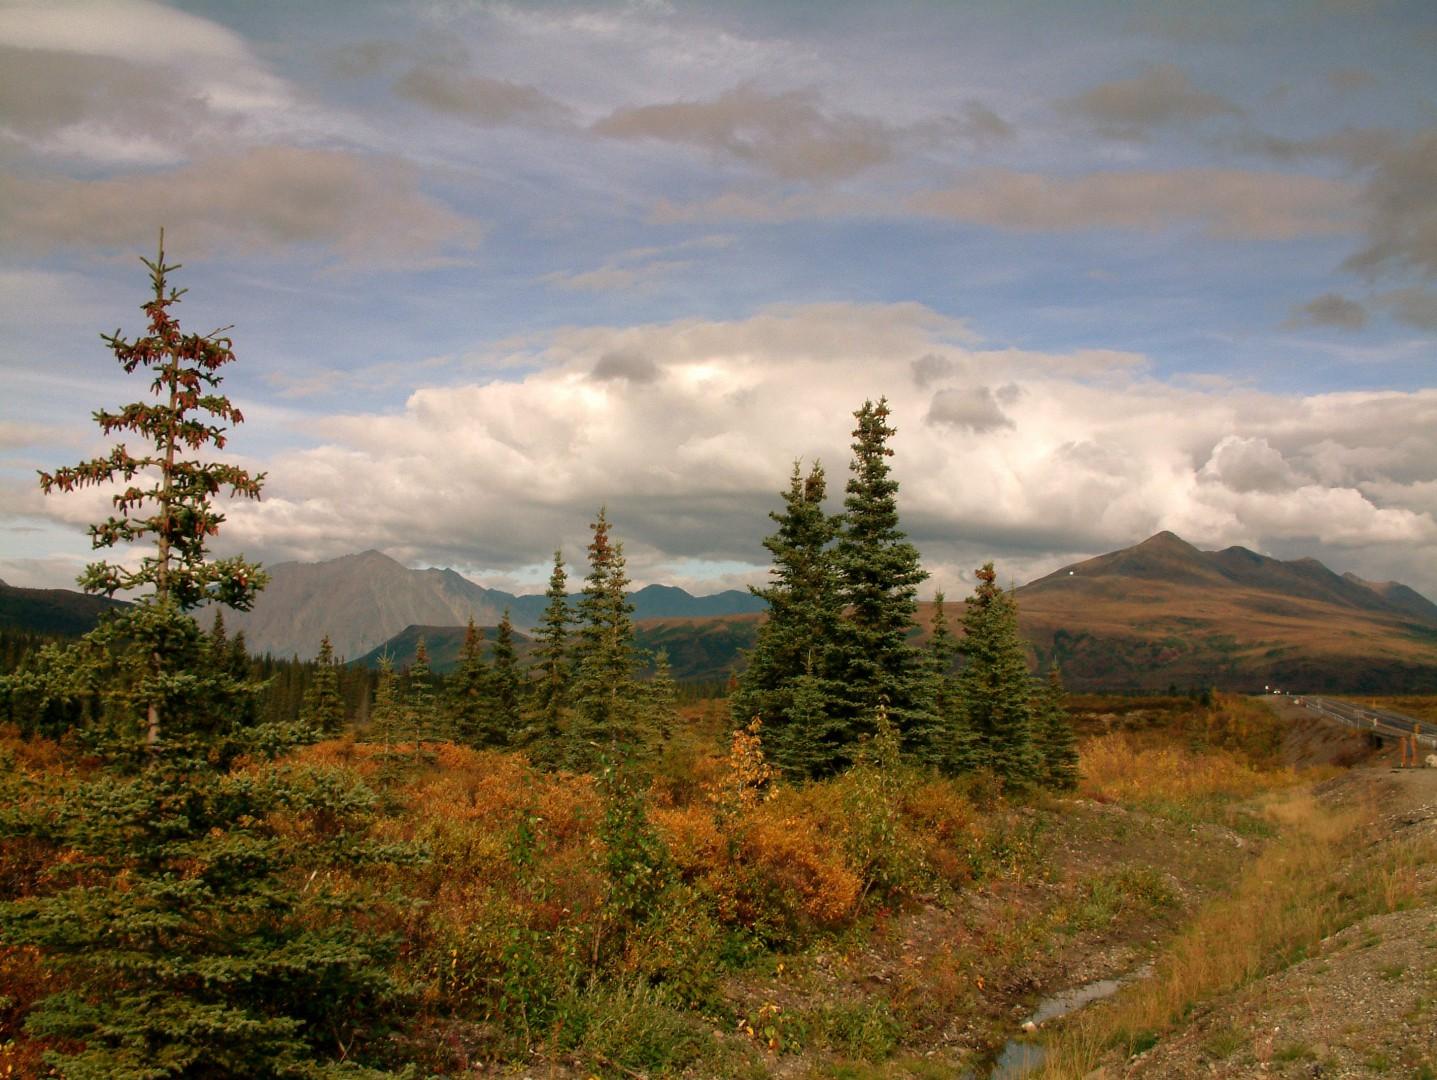 Bro hunting trip to Alaska